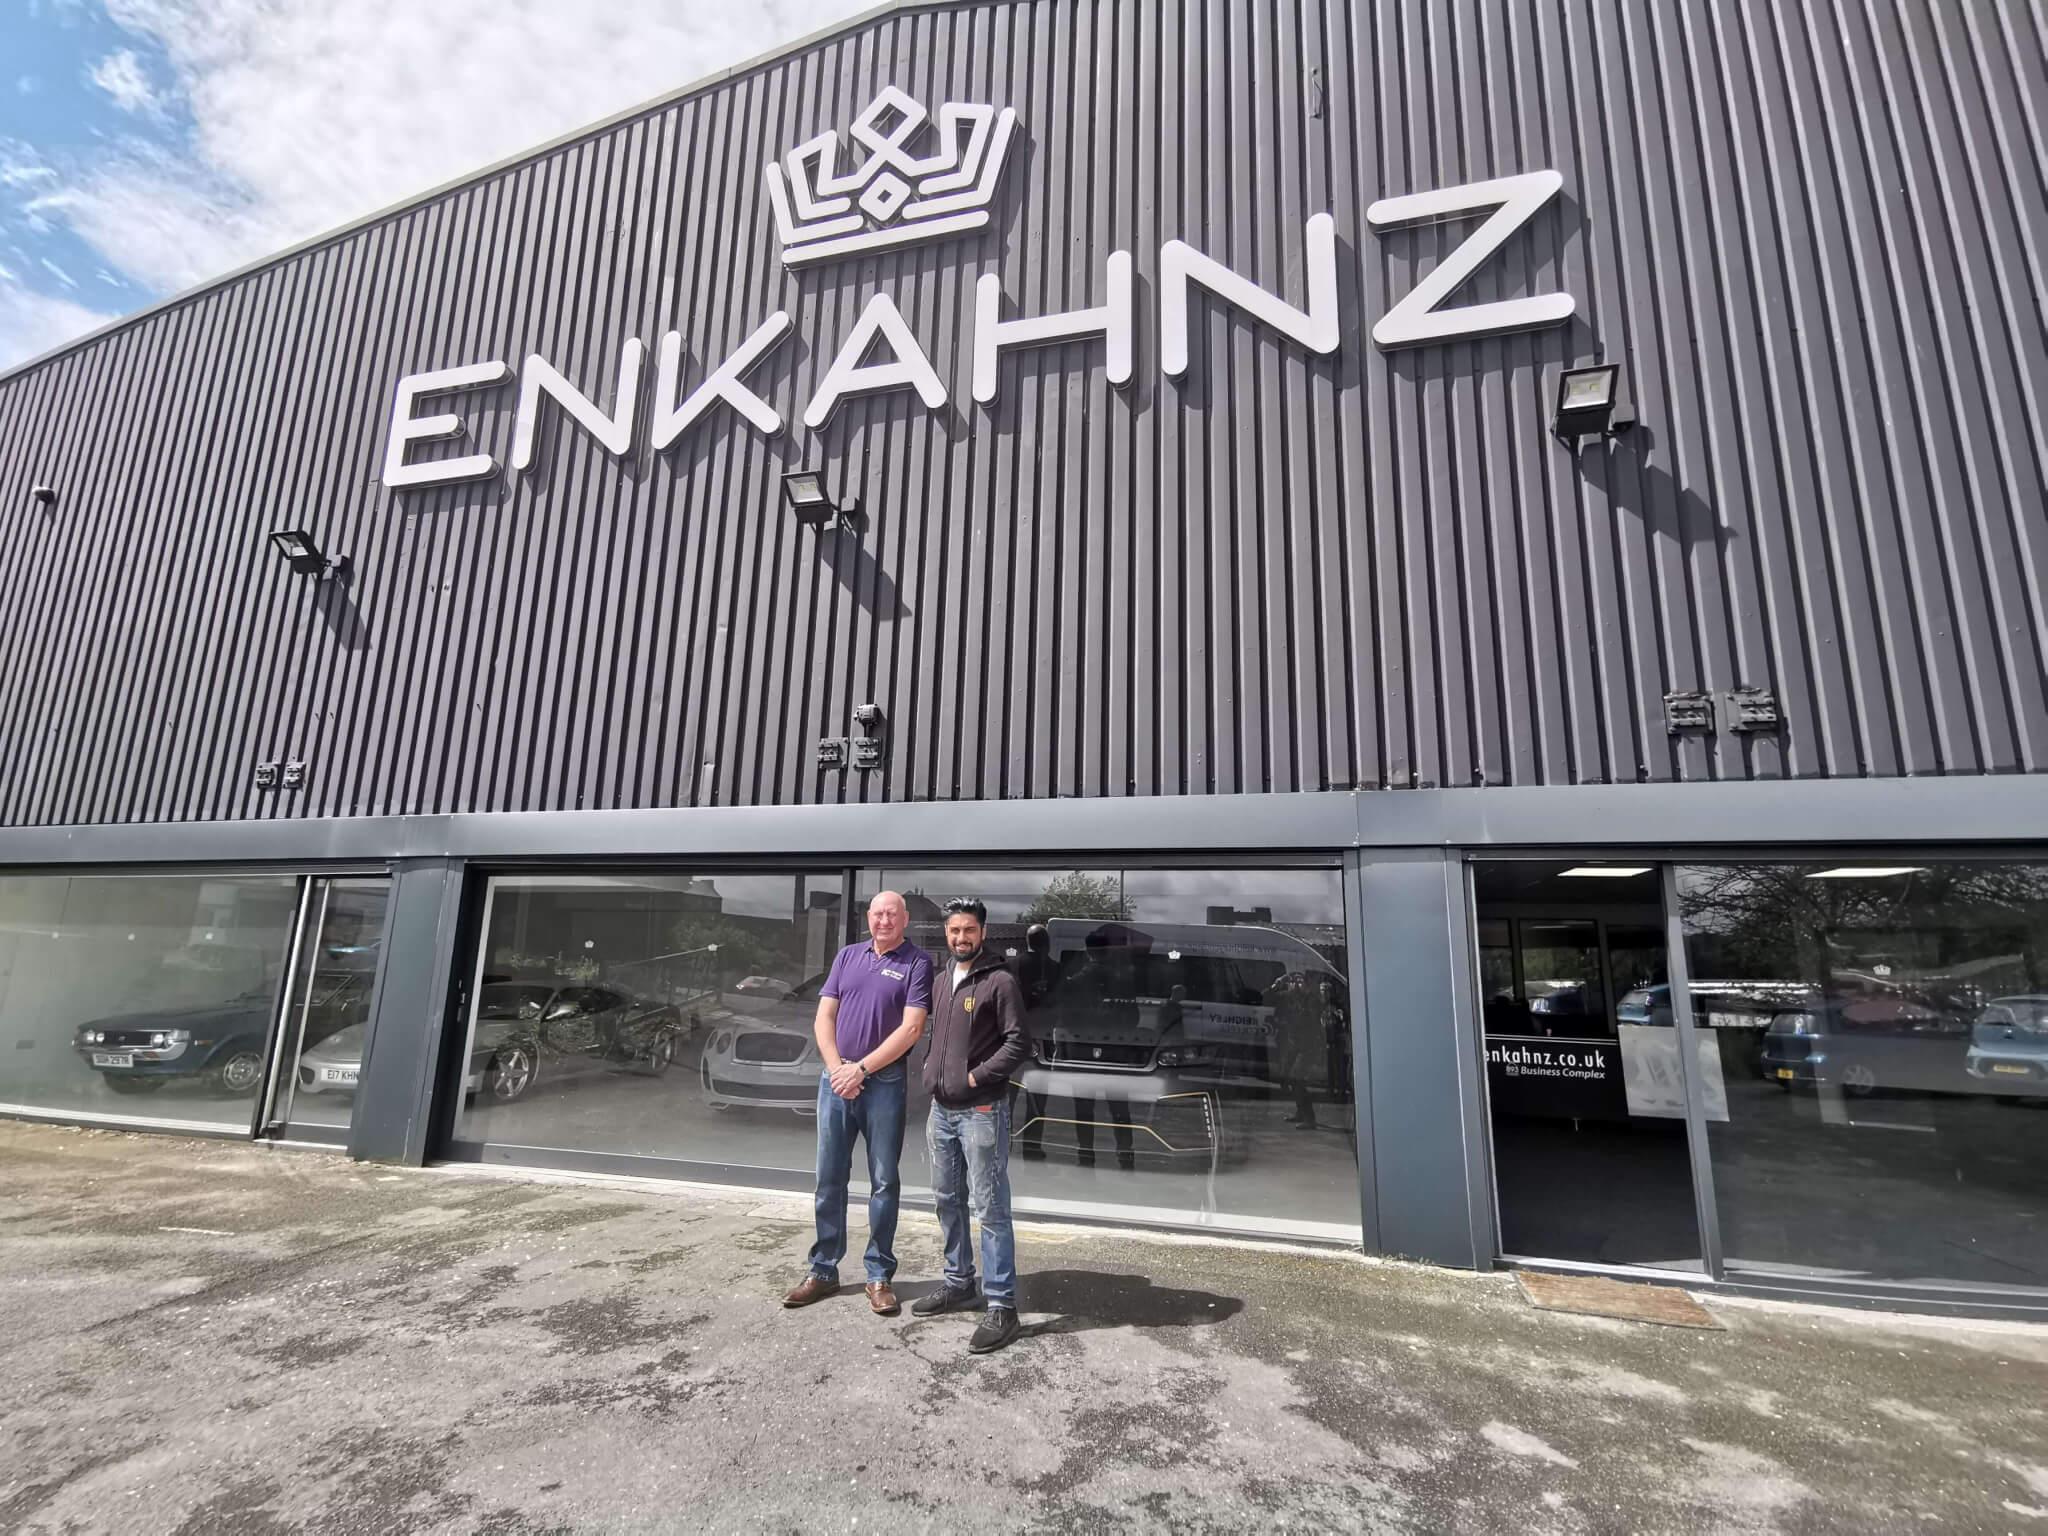 https://www.enkahnz.co.uk/wp-content/uploads/2019/07/IMG_20190619_112622.jpg